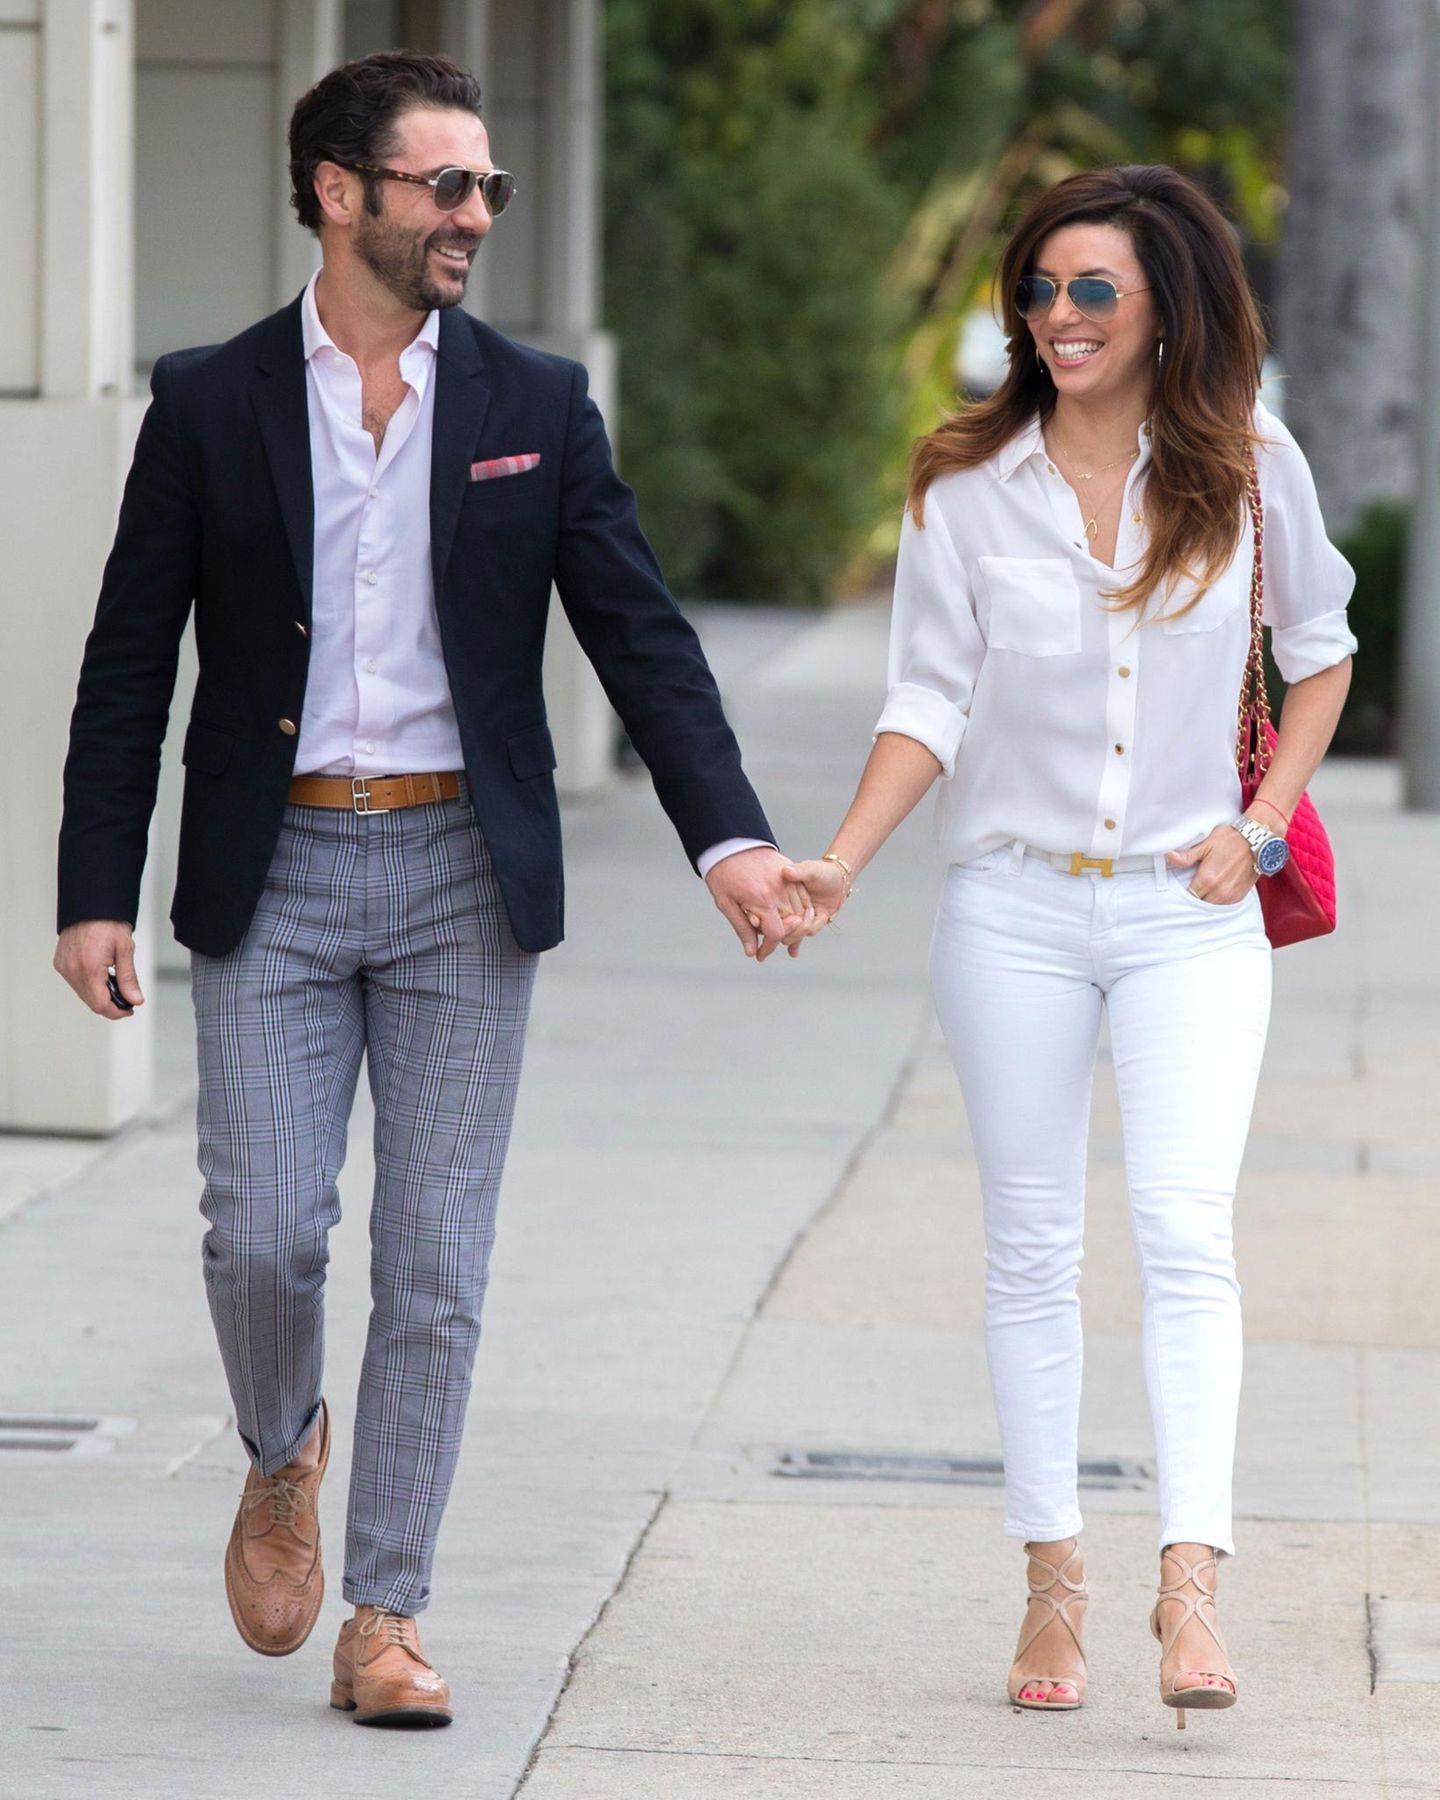 27. Dezember 2013: Eva Longoria und ihr Freund Jose Pepe Antonio Baston bummeln vergnügt durch West Hollywood.